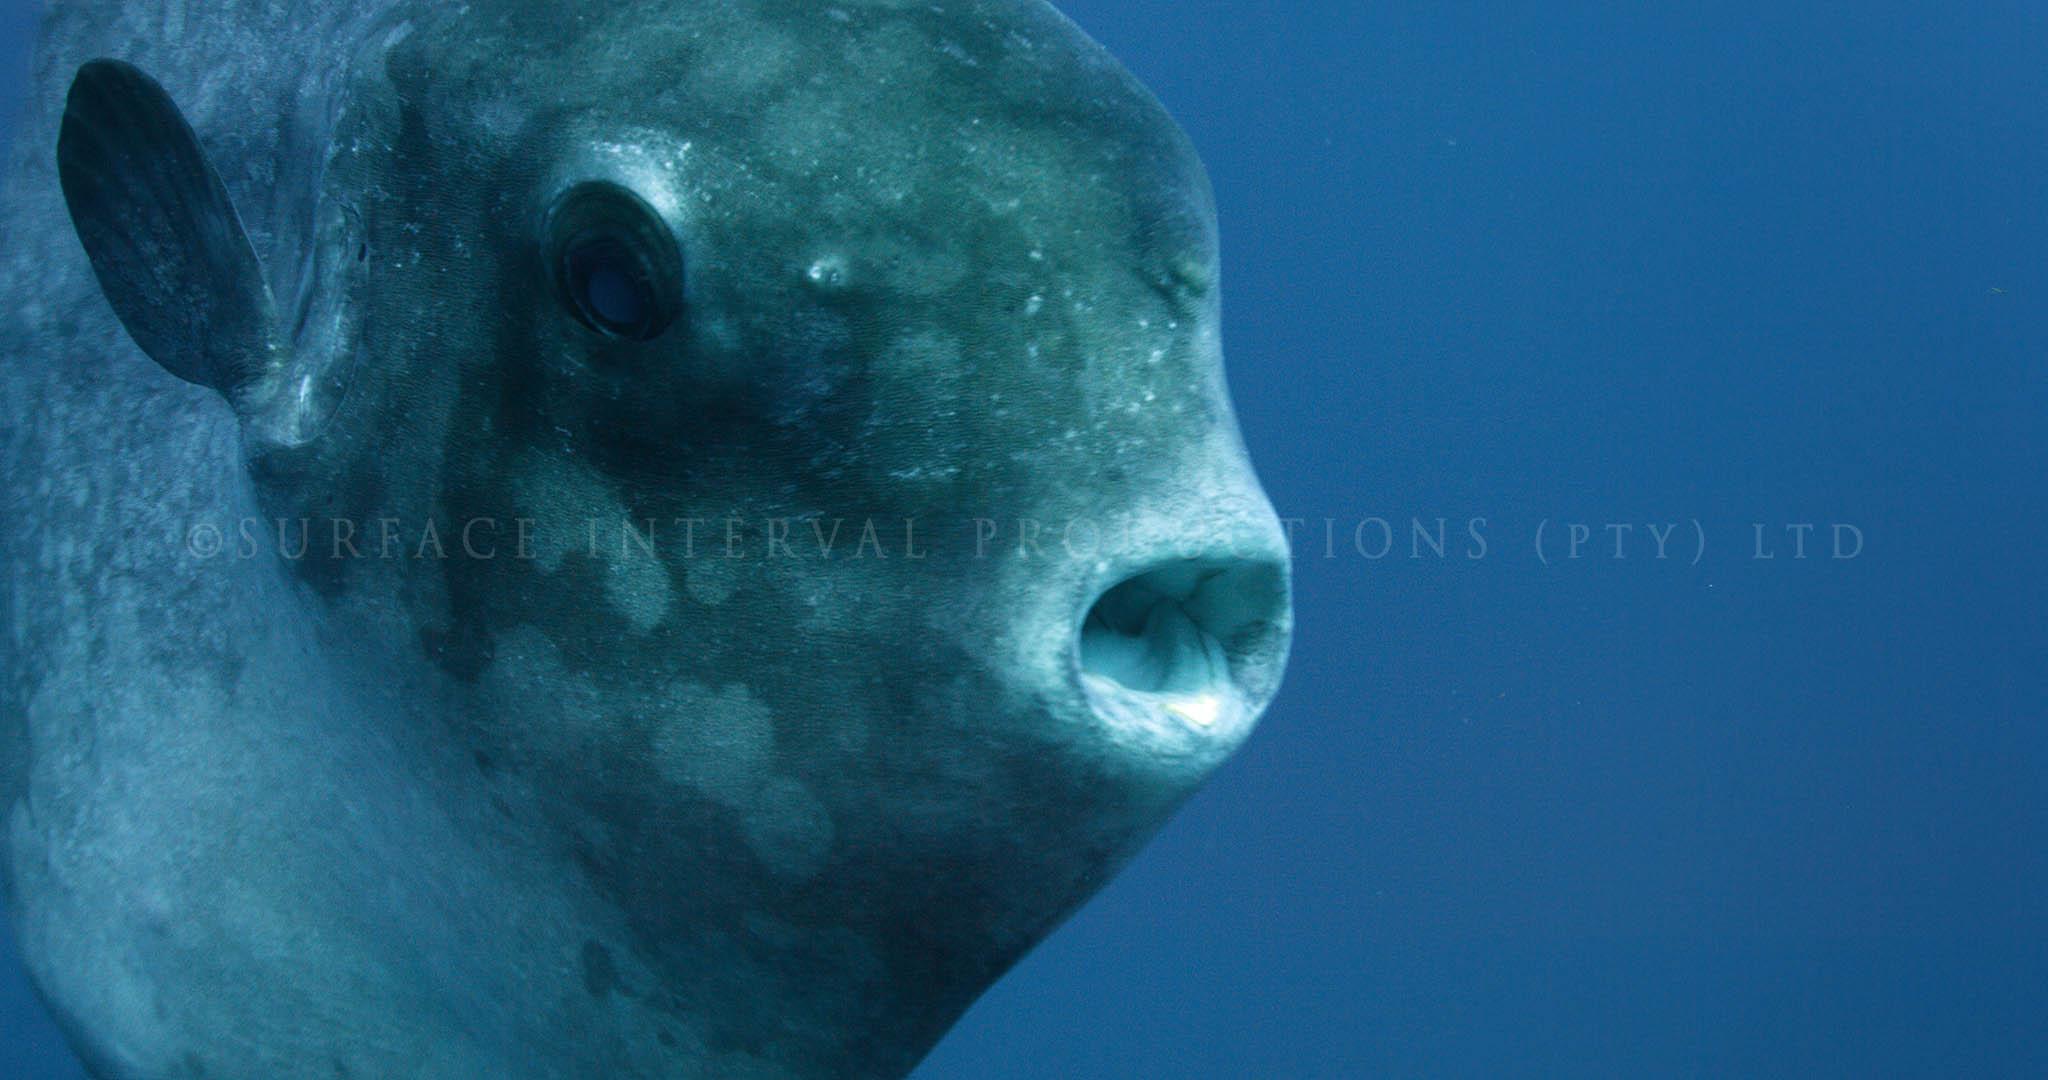 Mola 06.jpg